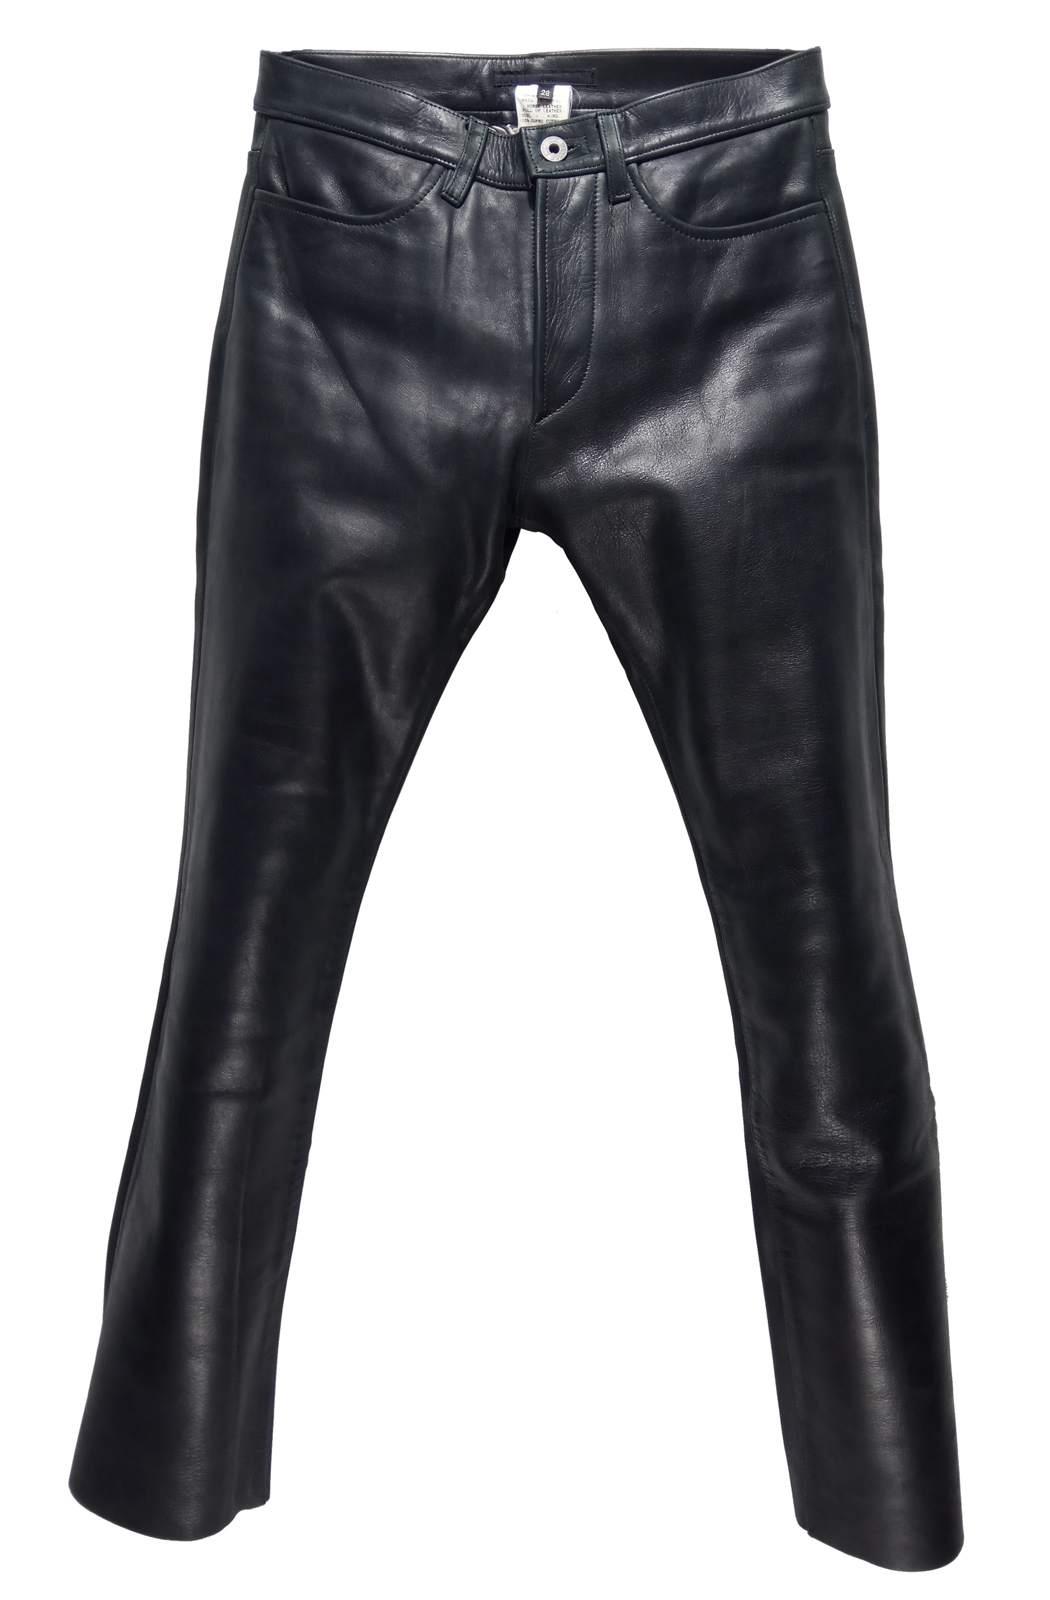 RIP VAN WINKLE horse leather jeans